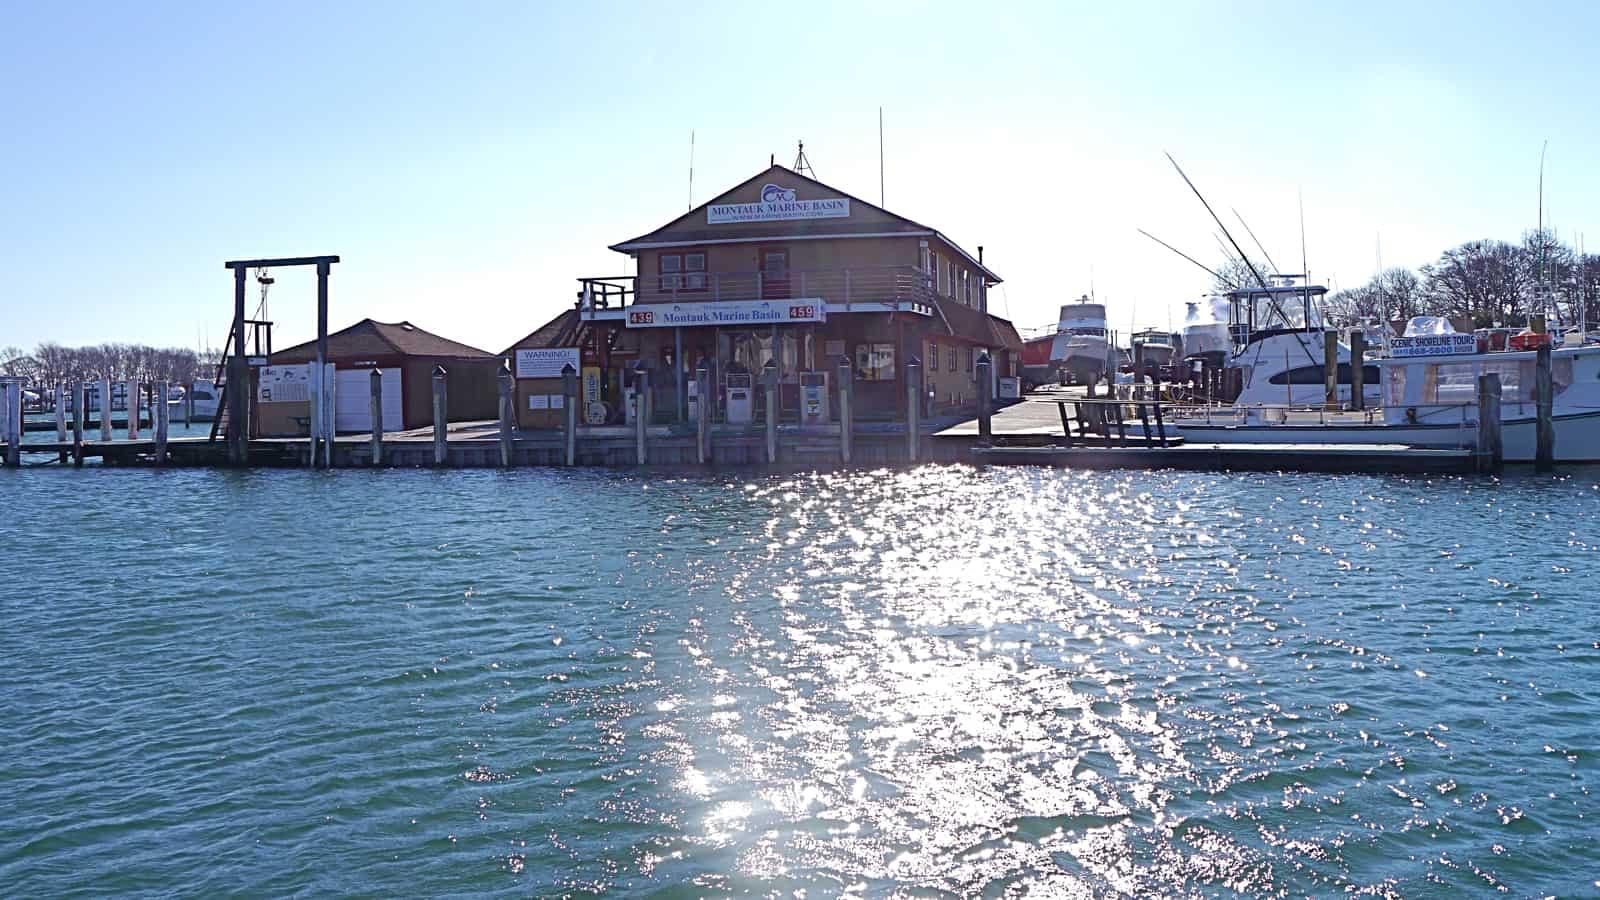 The Montauk Marine Basin Fuel Dock, February 12, 2013, Montauk NY, photo by Sailing Montauk